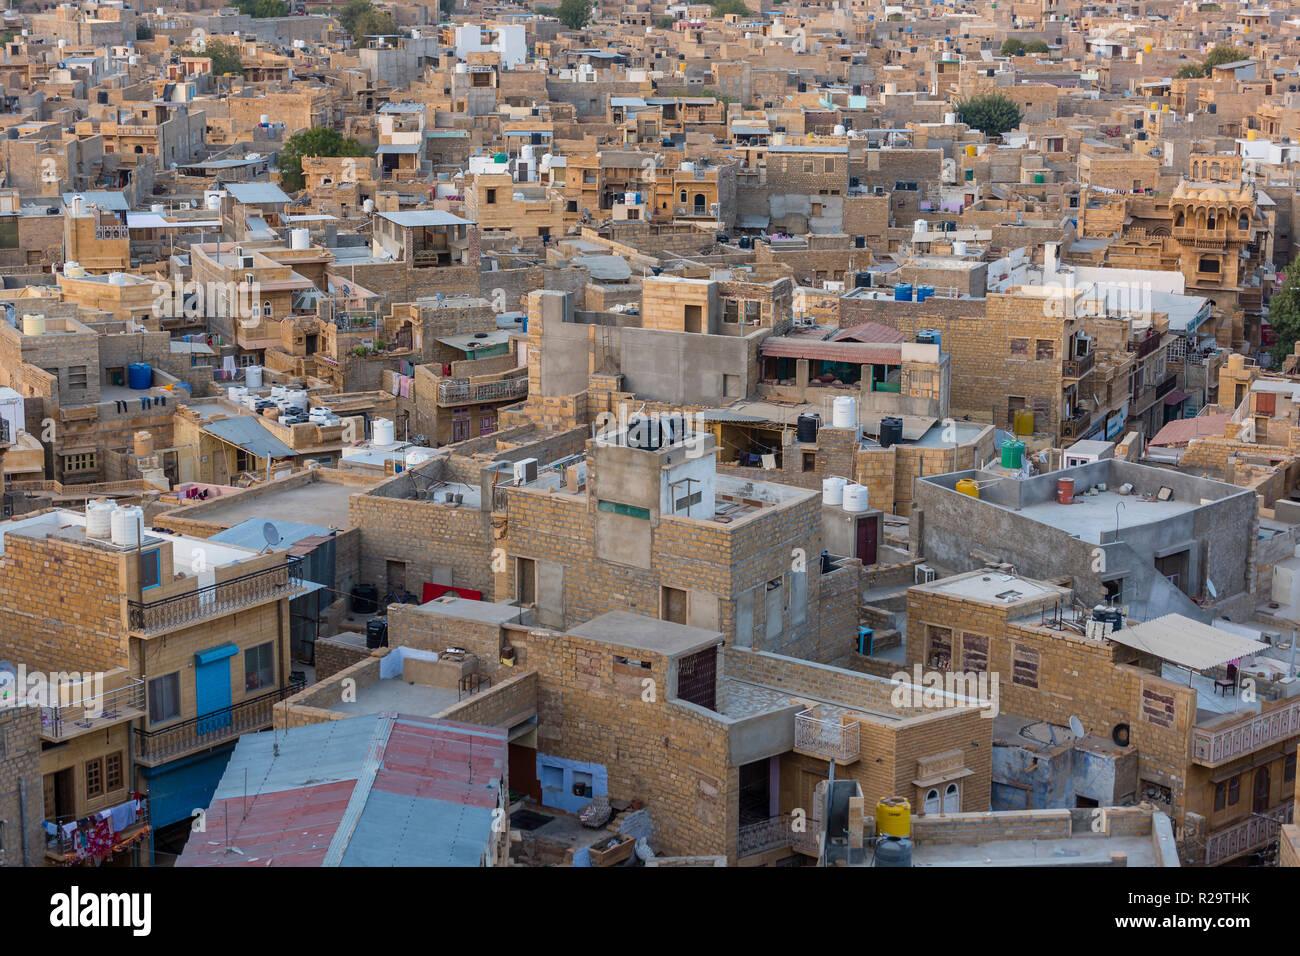 Blick auf die Stadt Jaisalmer in den Wüstenstaat Rajasthan im Westen Indiens Stockbild